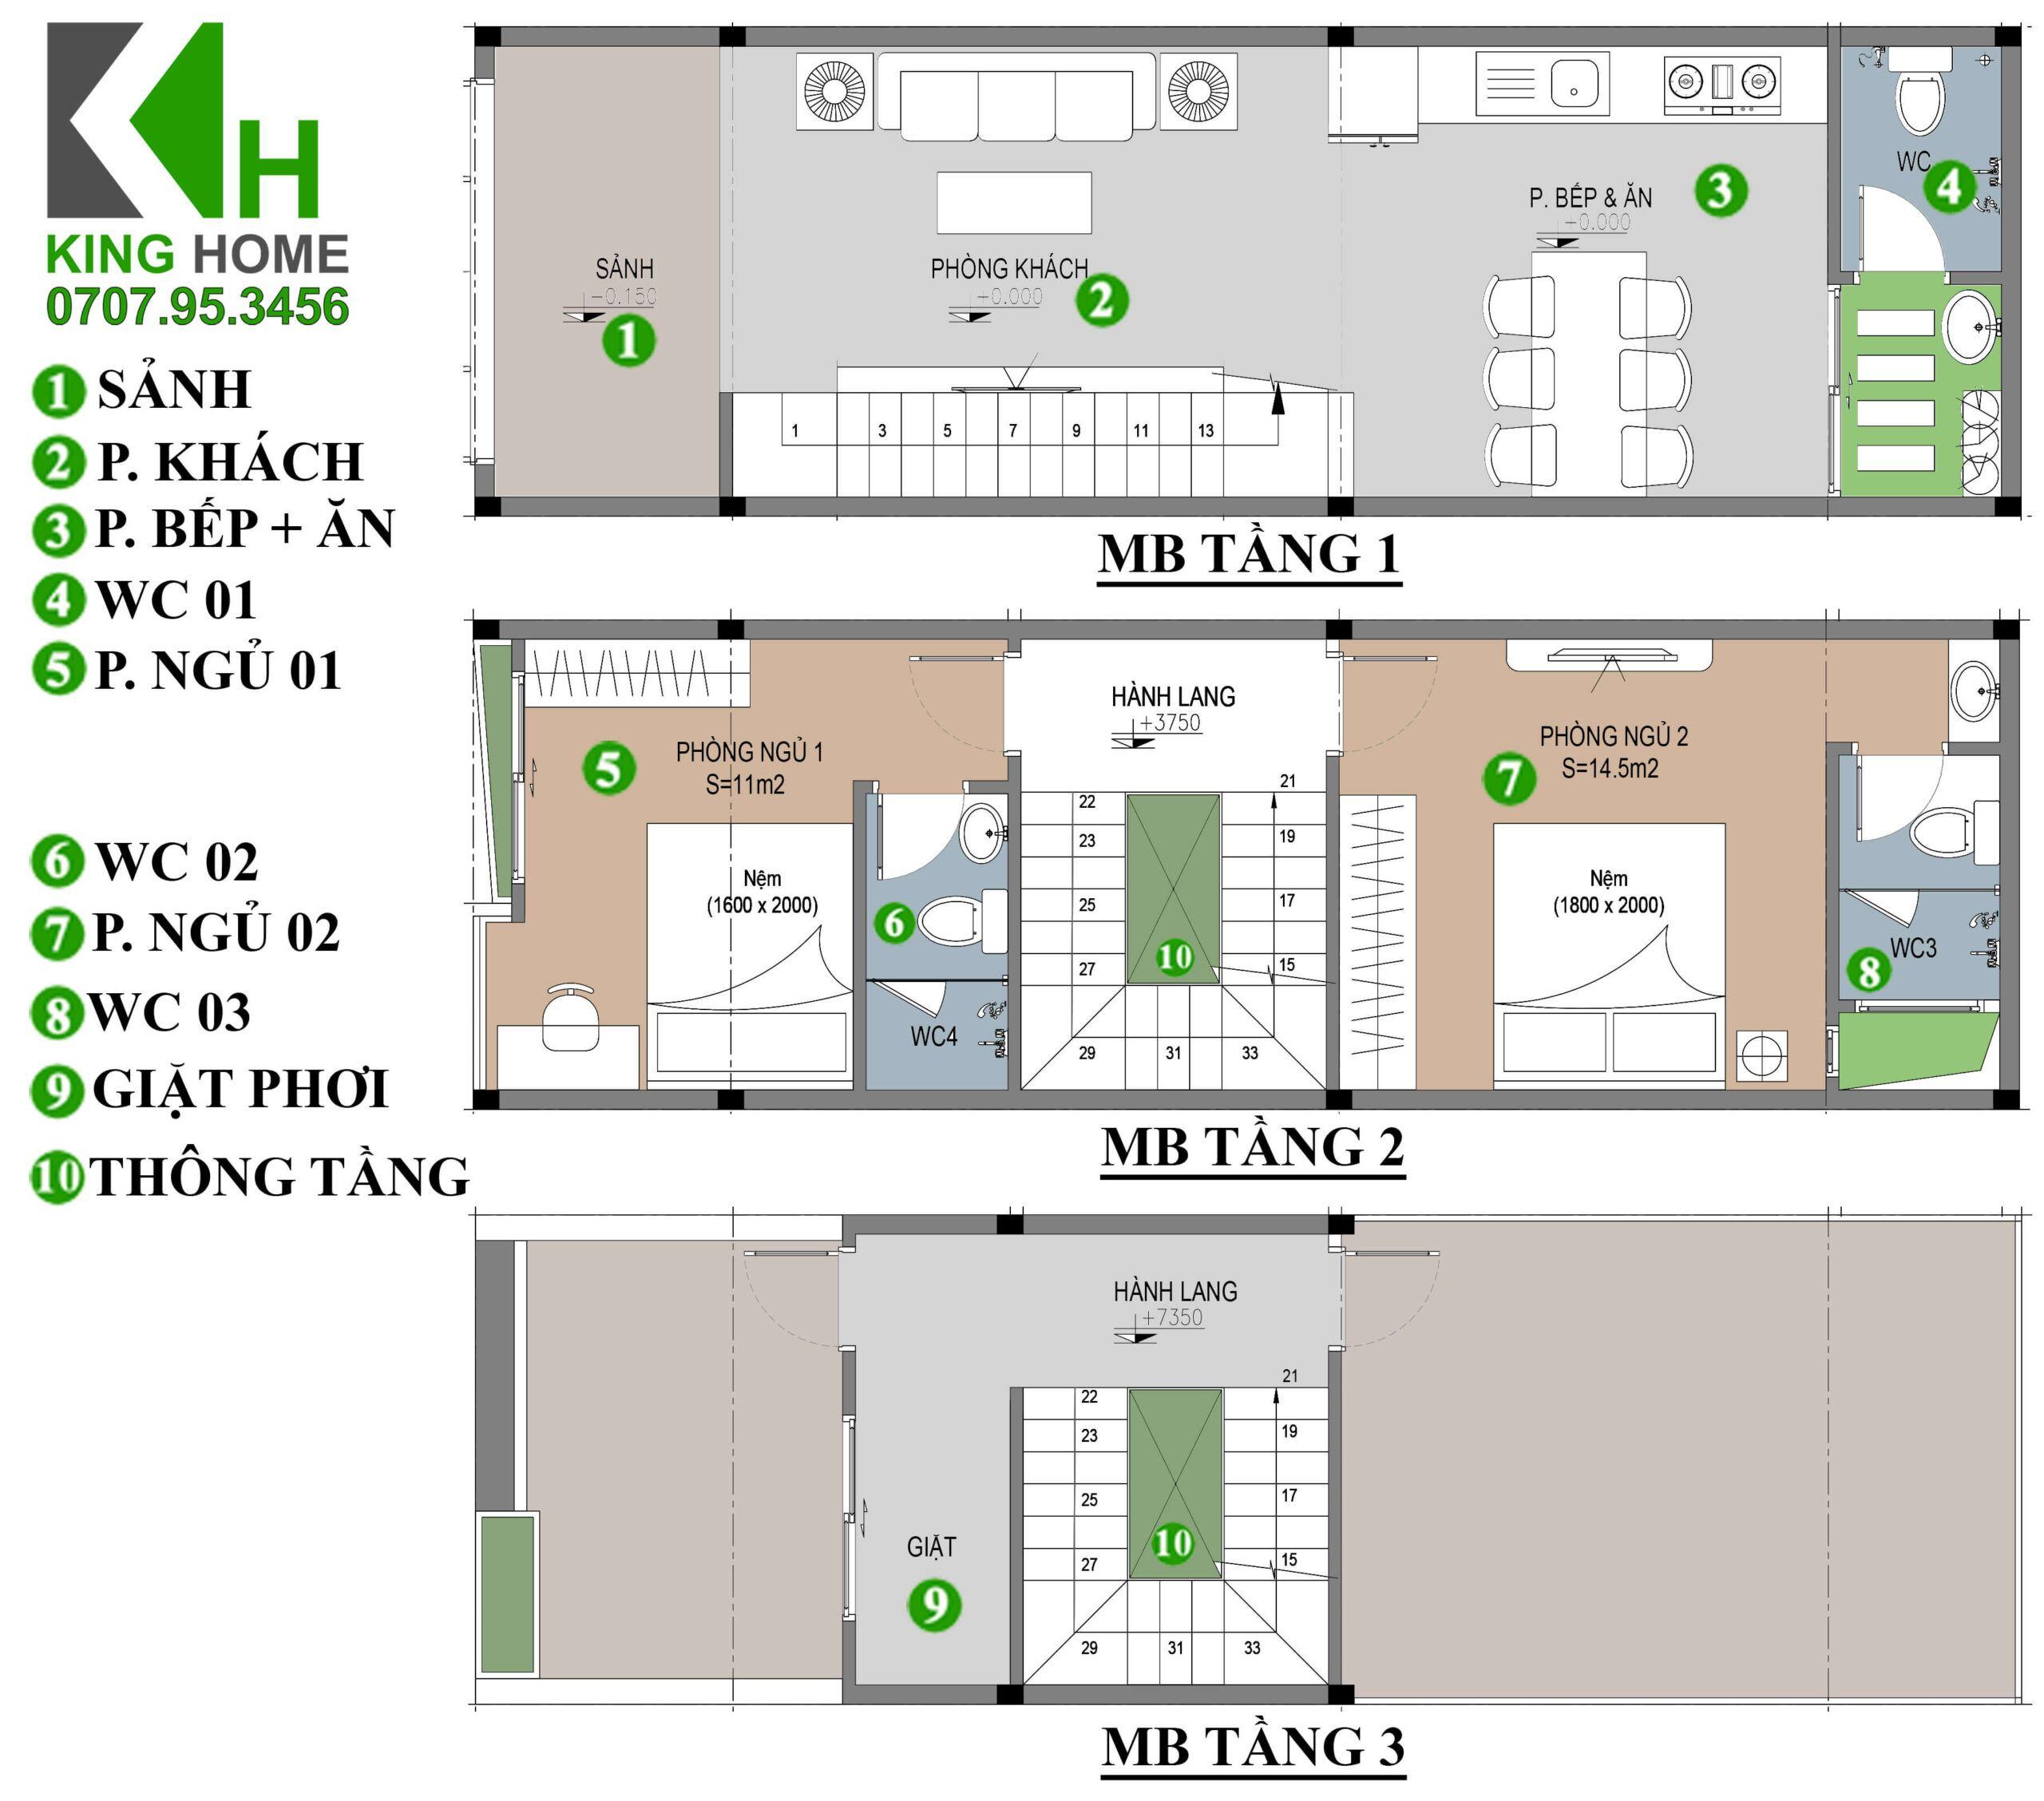 Nhà chị Uyên - Nhà phố 2 tầng 1 tum hiện đại